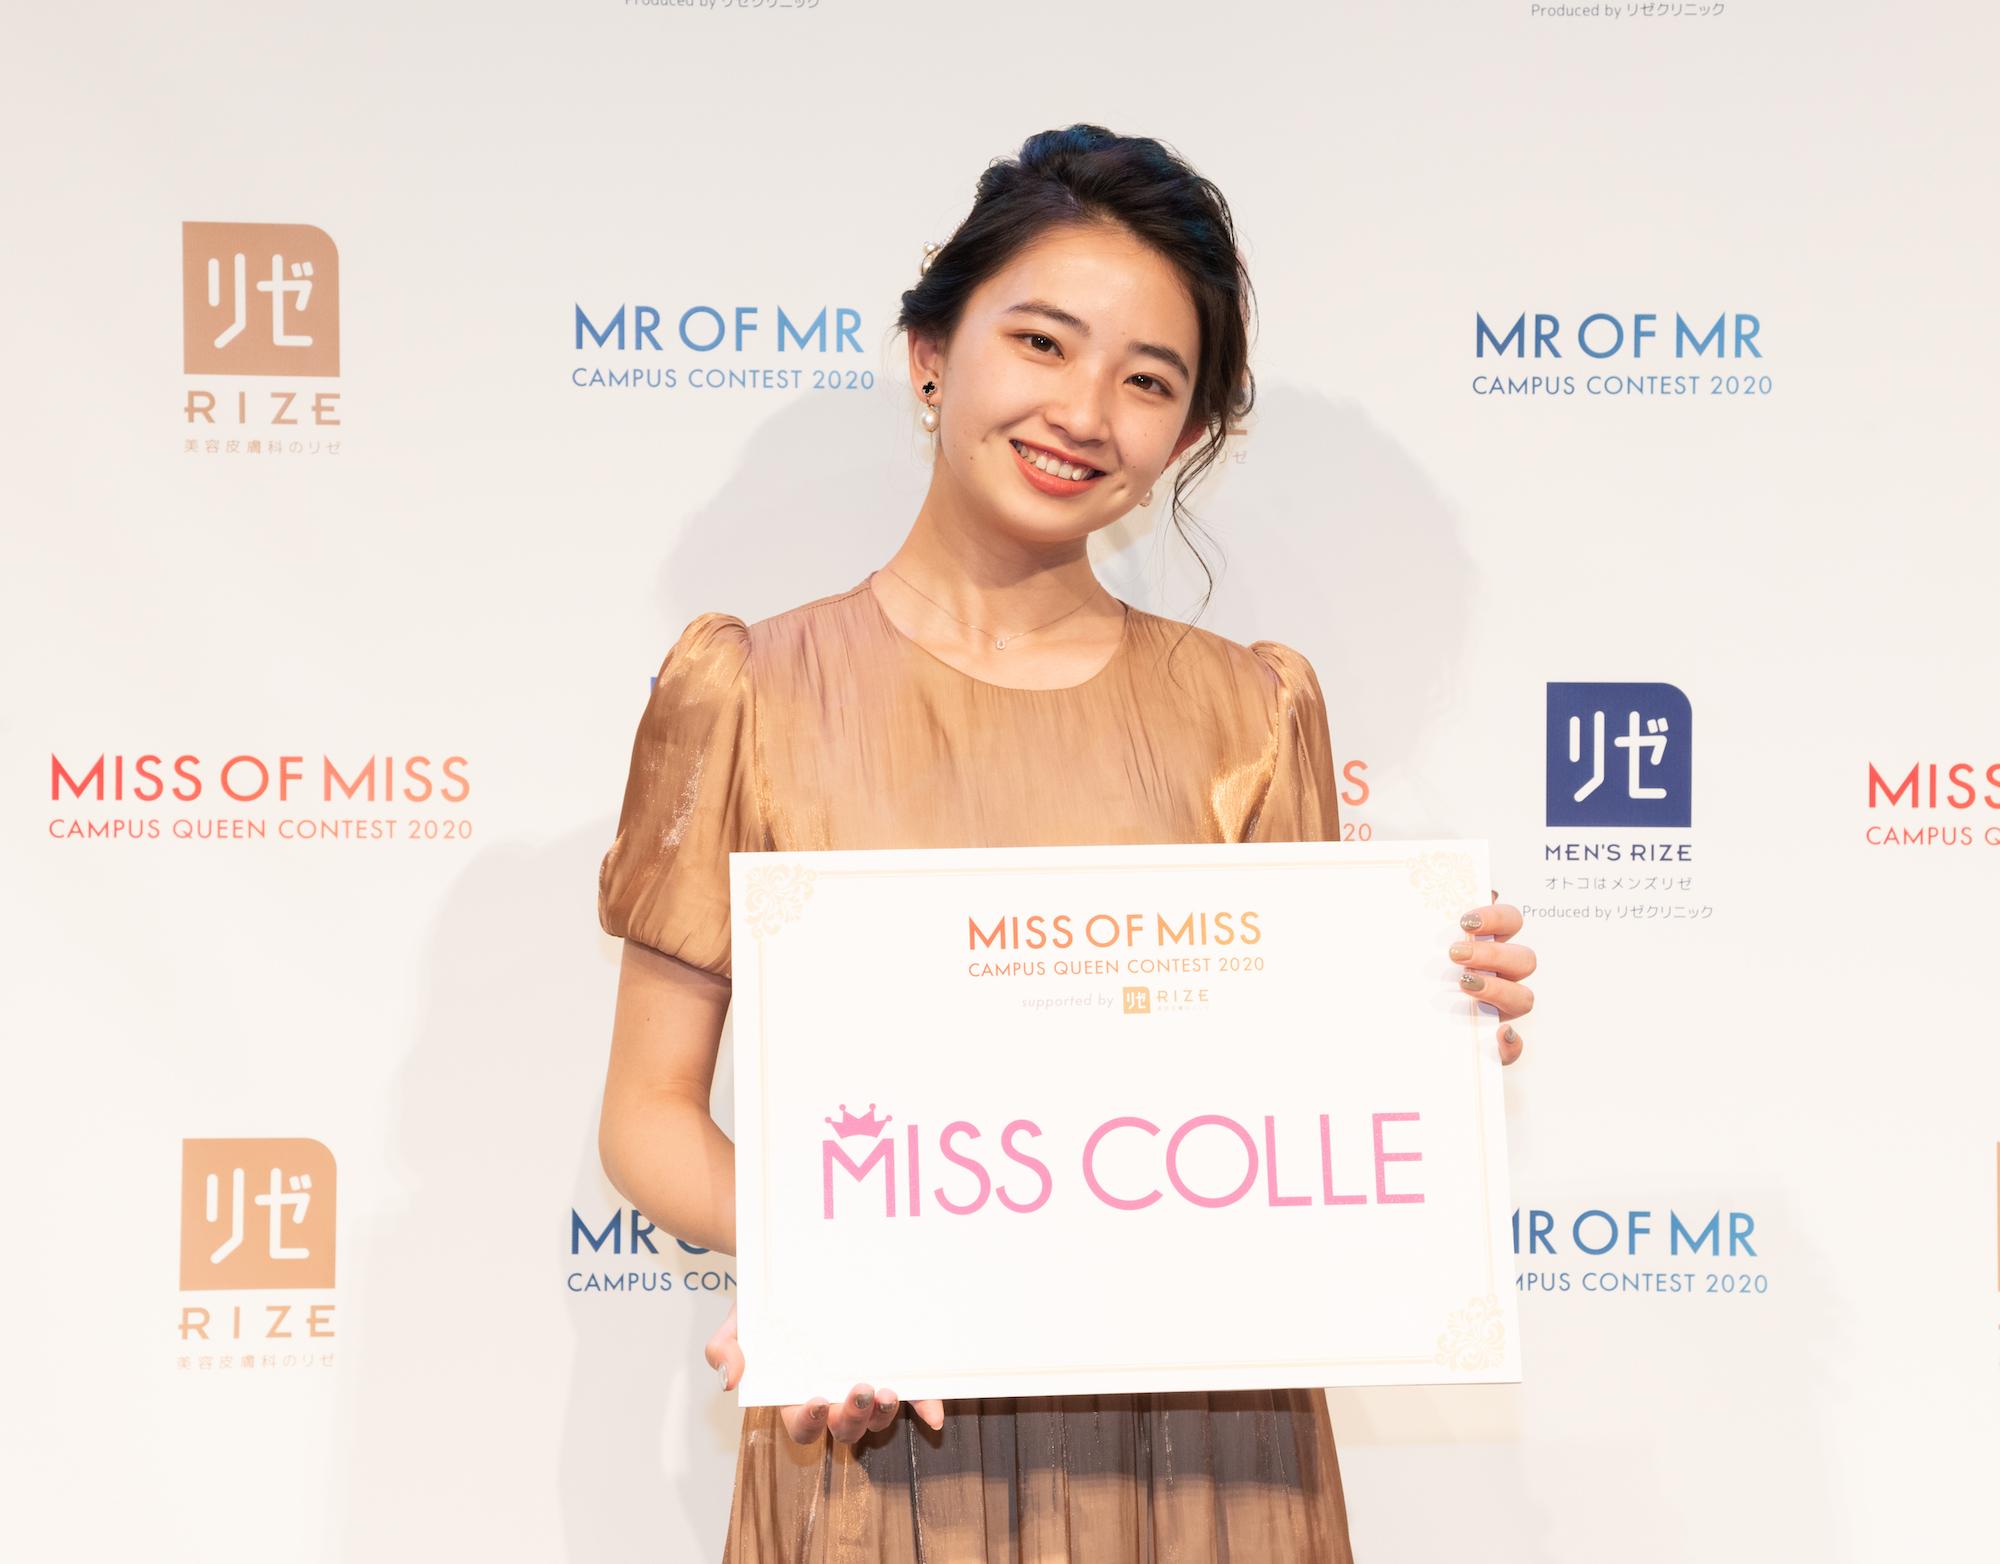 柿木風花/『MISS OF MISS CAMPUS QUEEN CONTEST 2020 supported by リゼクリニック』2020年3月26日